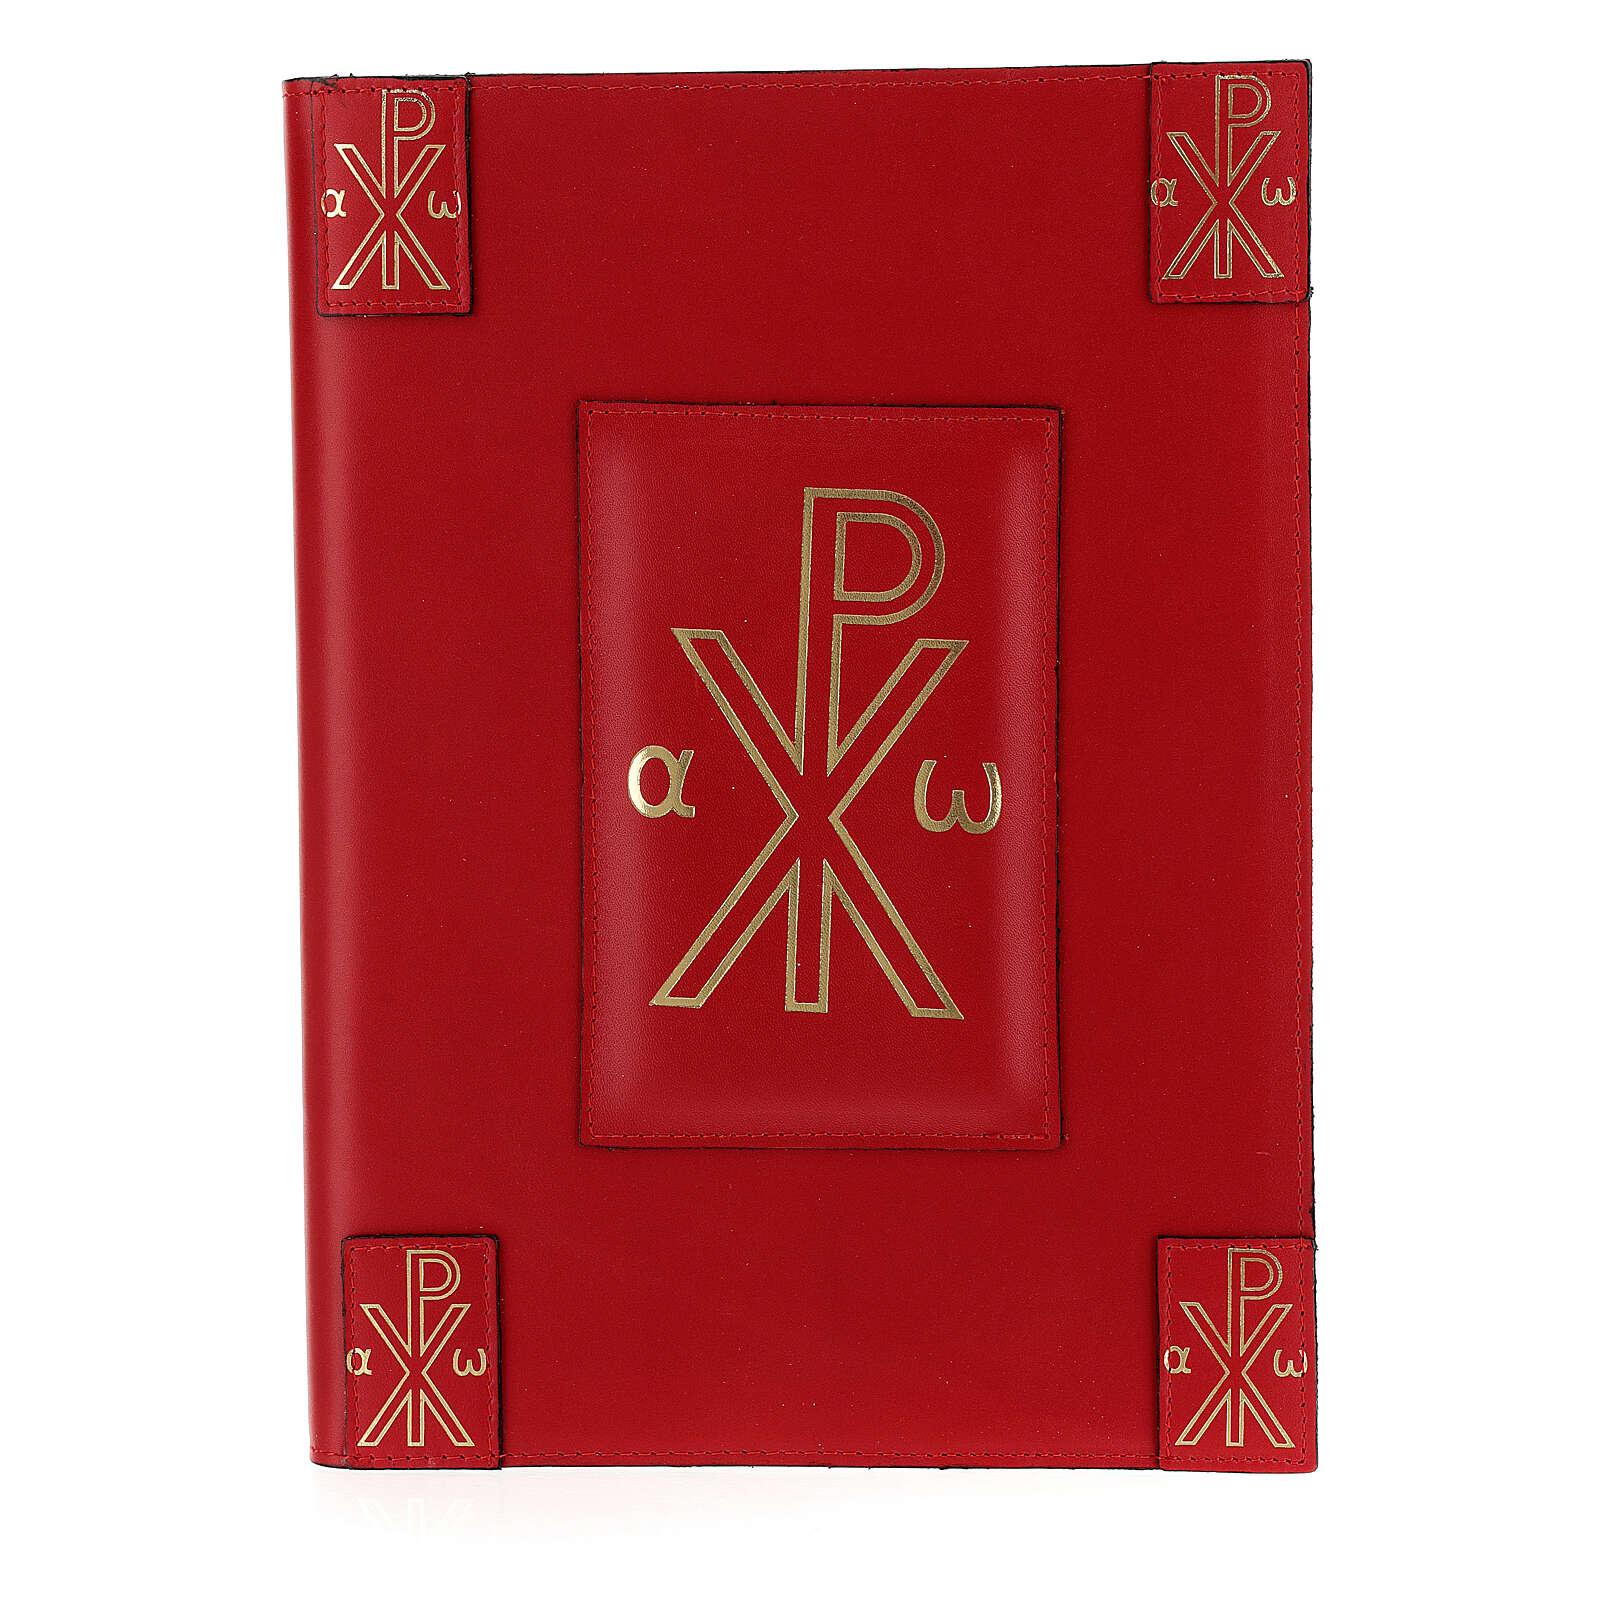 Custodia vera pelle rossa Messale Romano III EDIZIONE XP 4